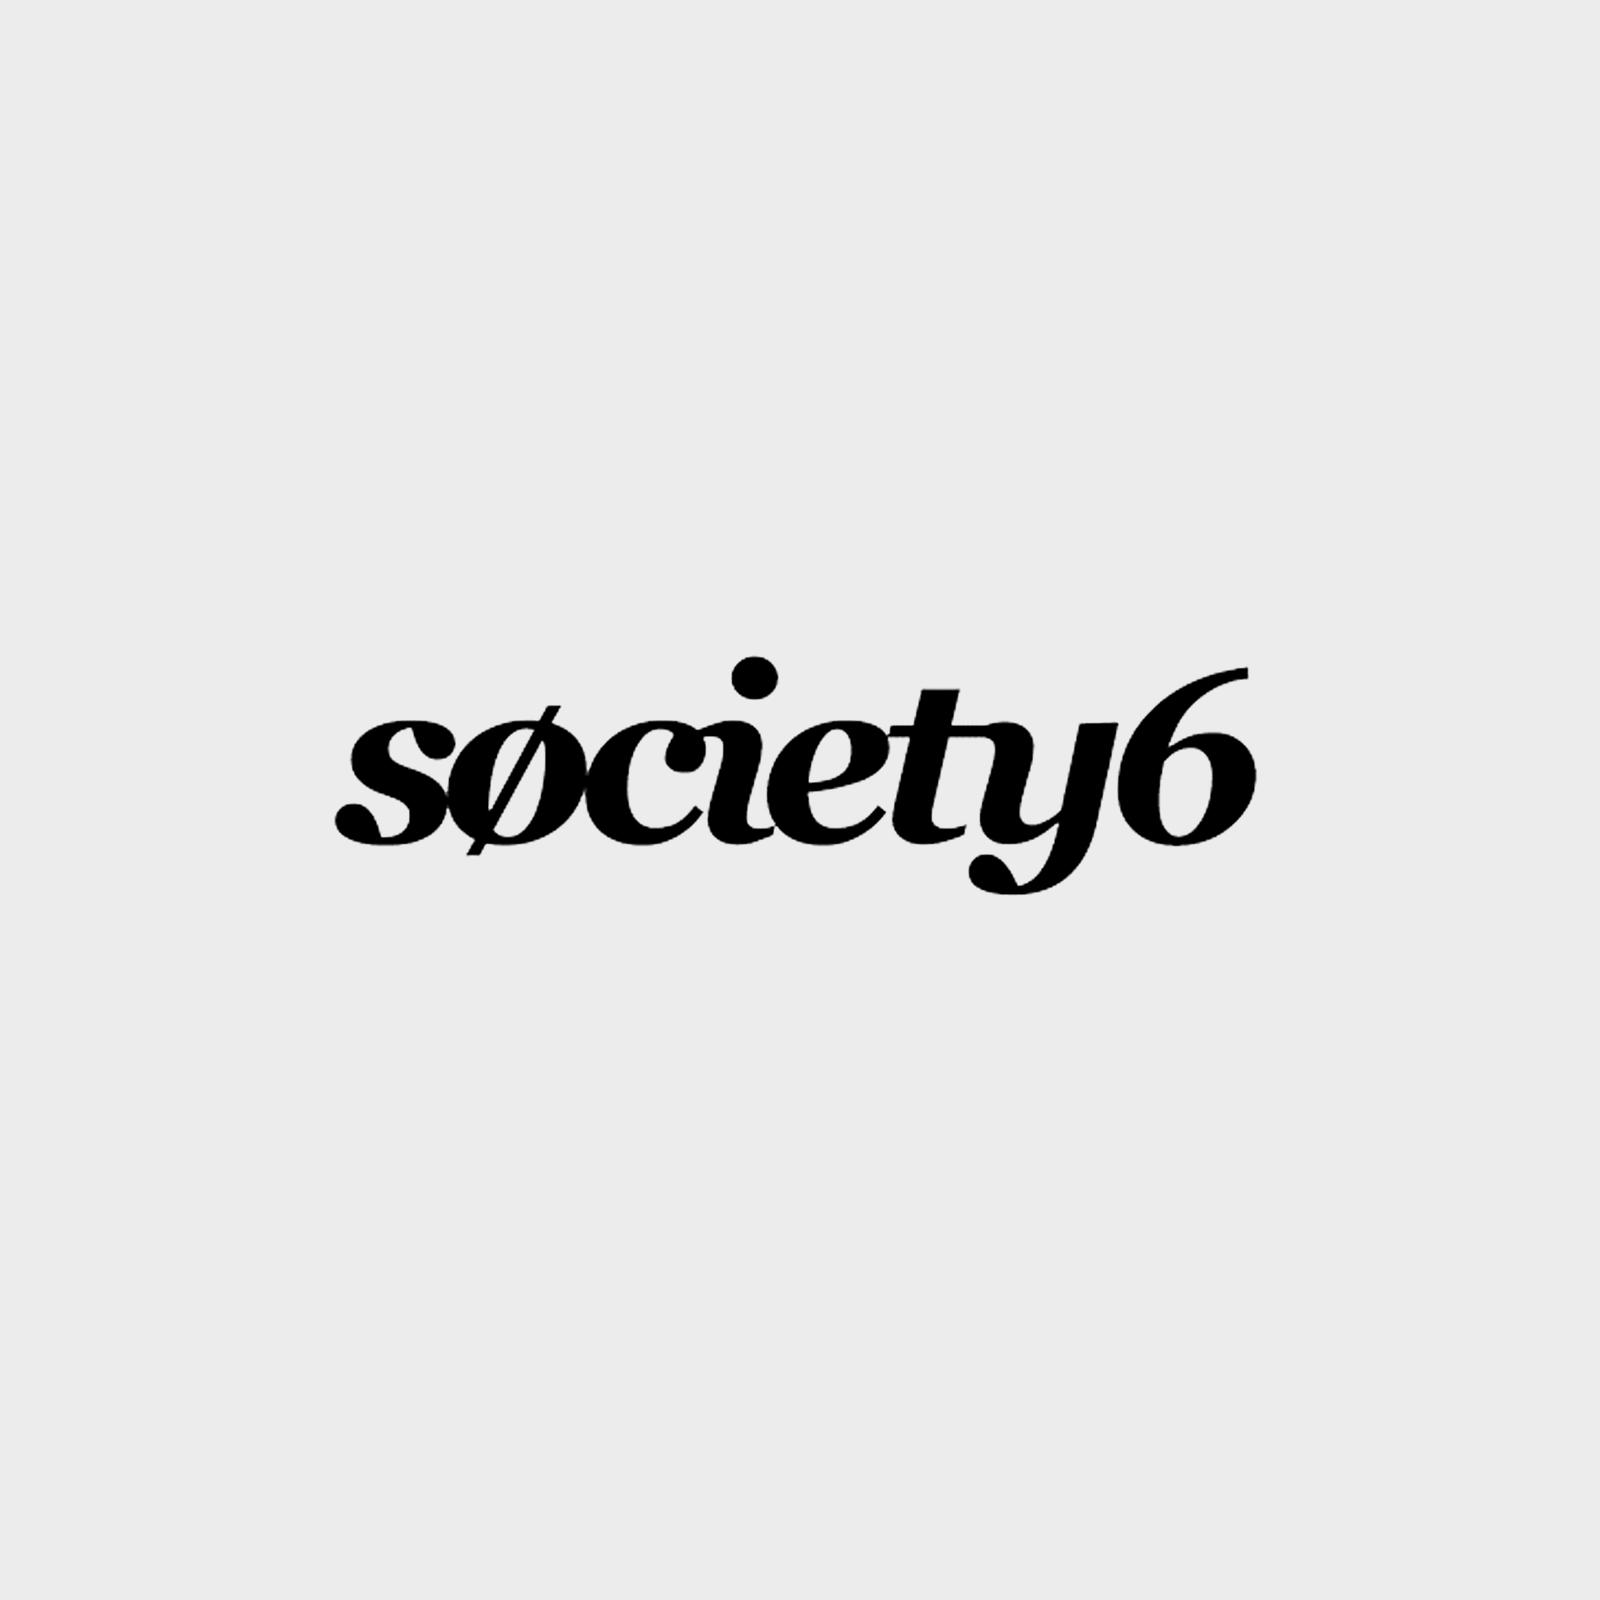 society6_logo.jpg